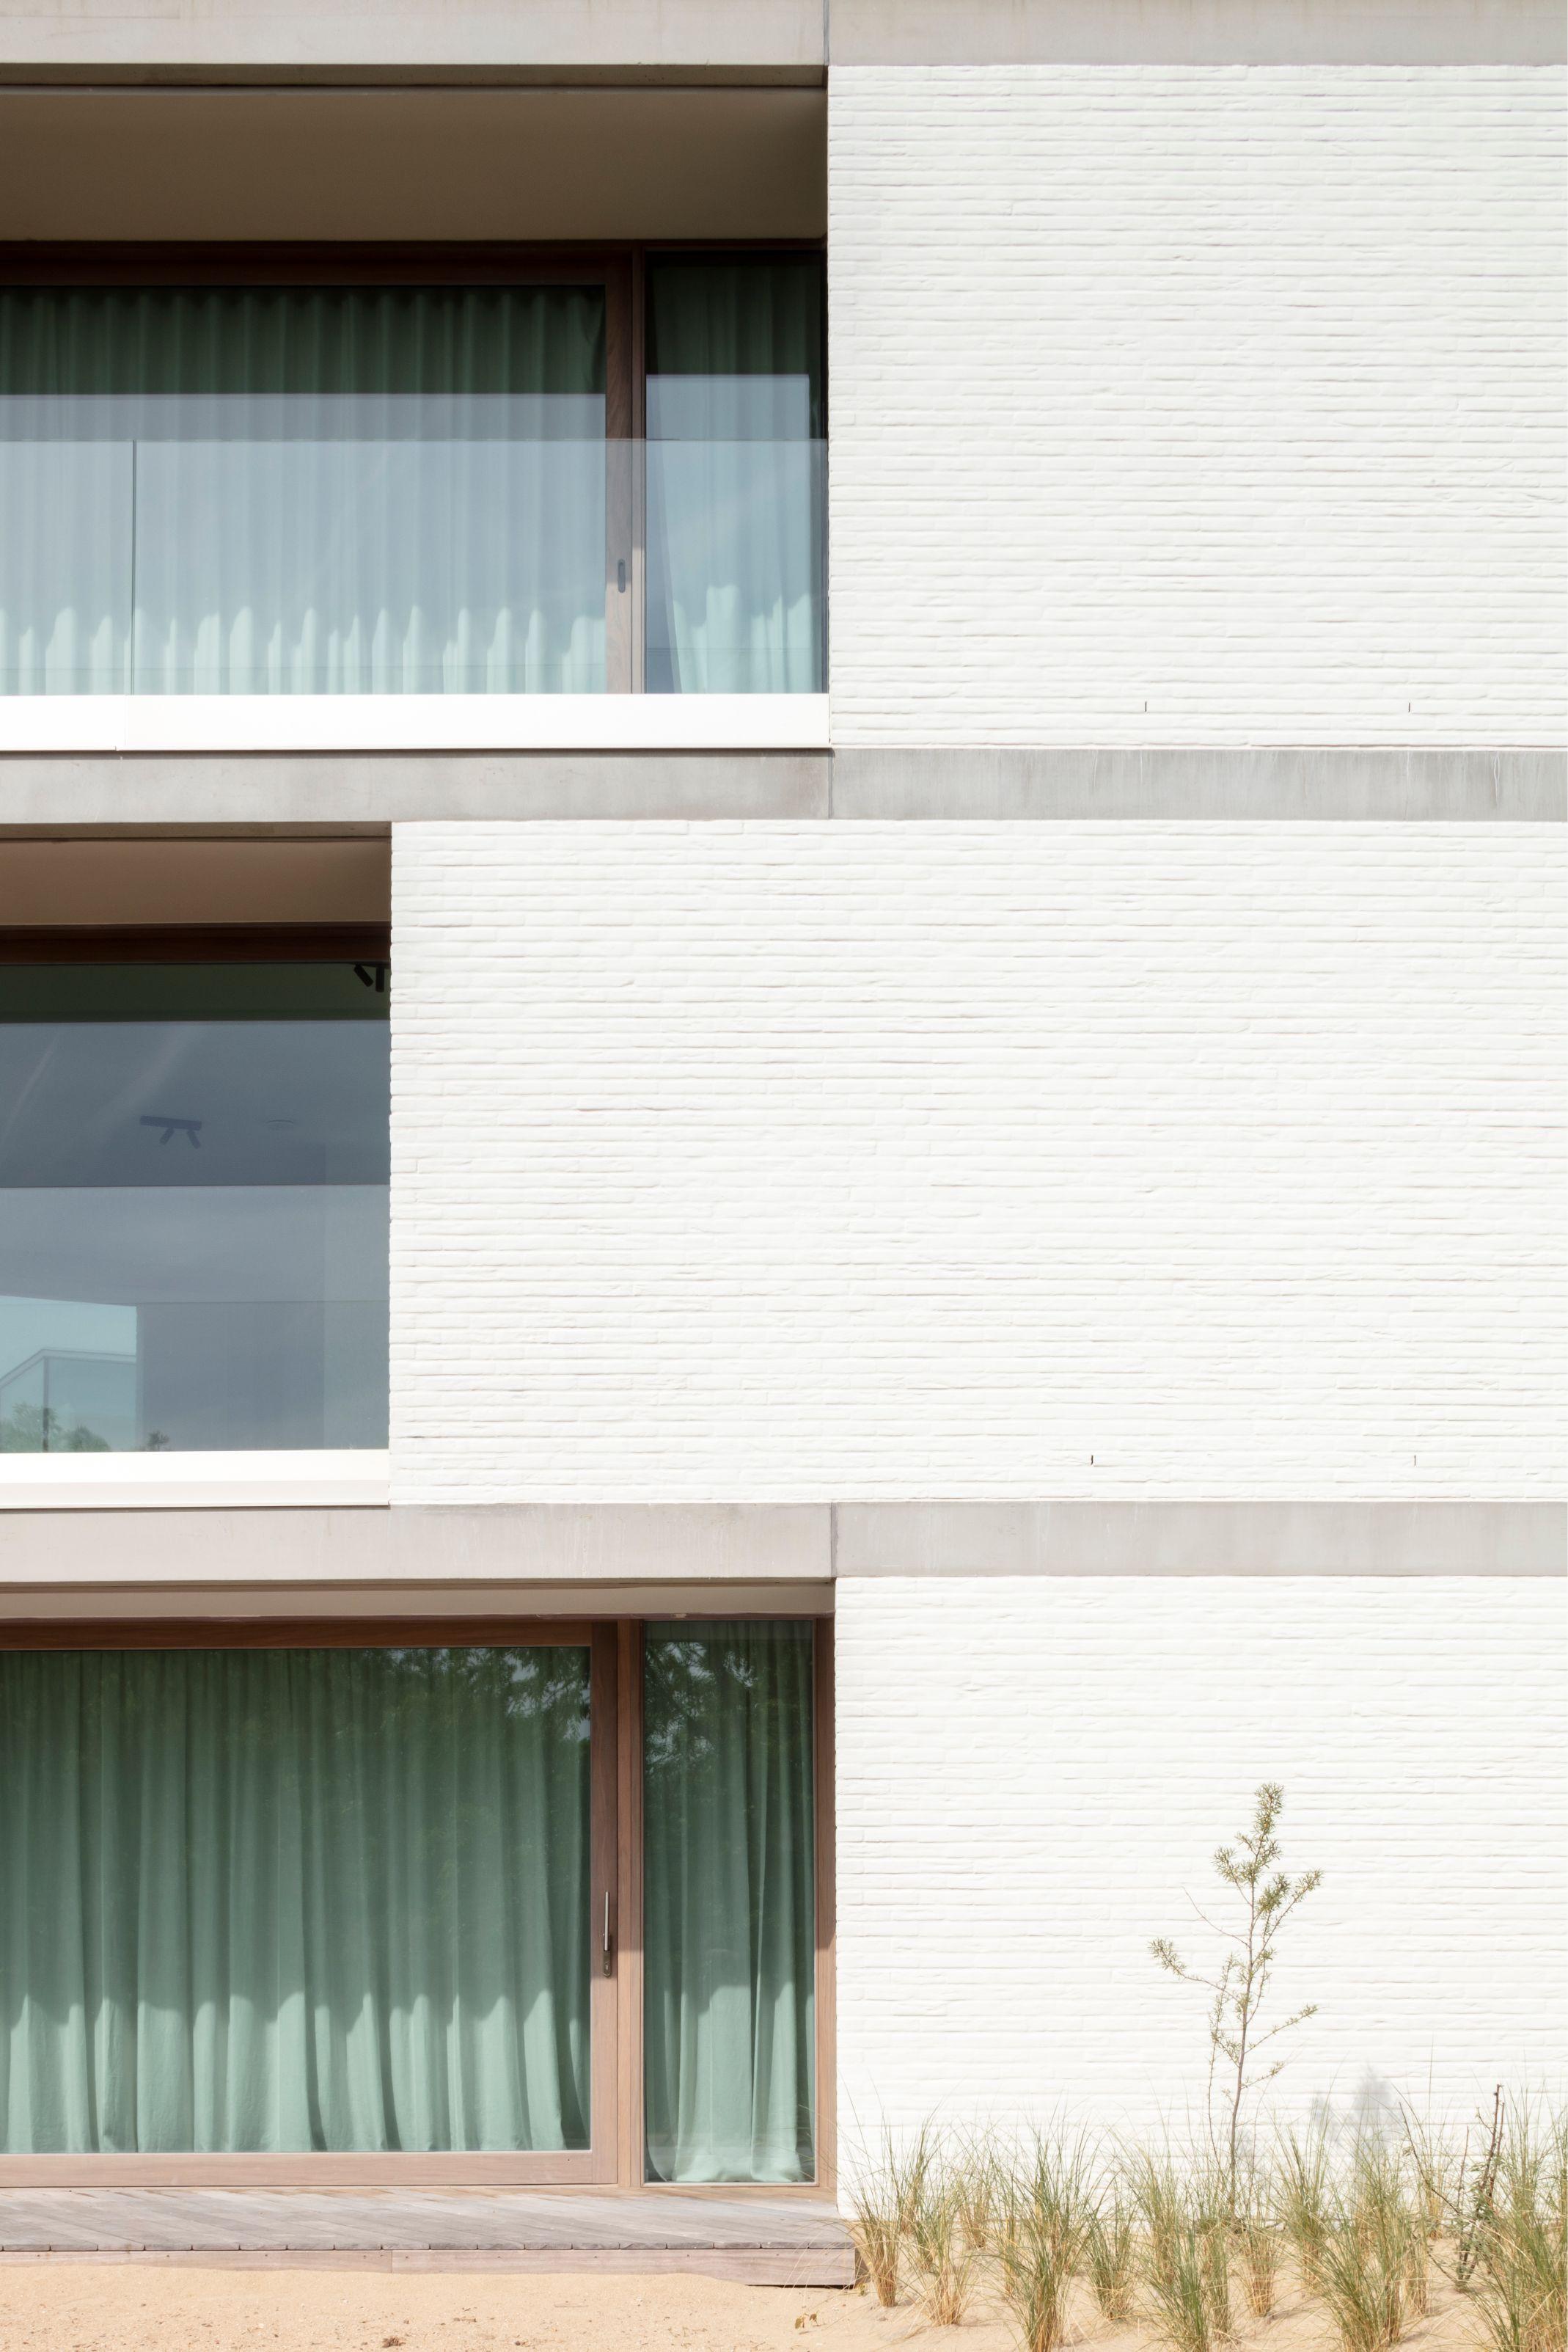 Hans Wegner - Rietveldprojects - Koksijde - Tvdv19.jpg